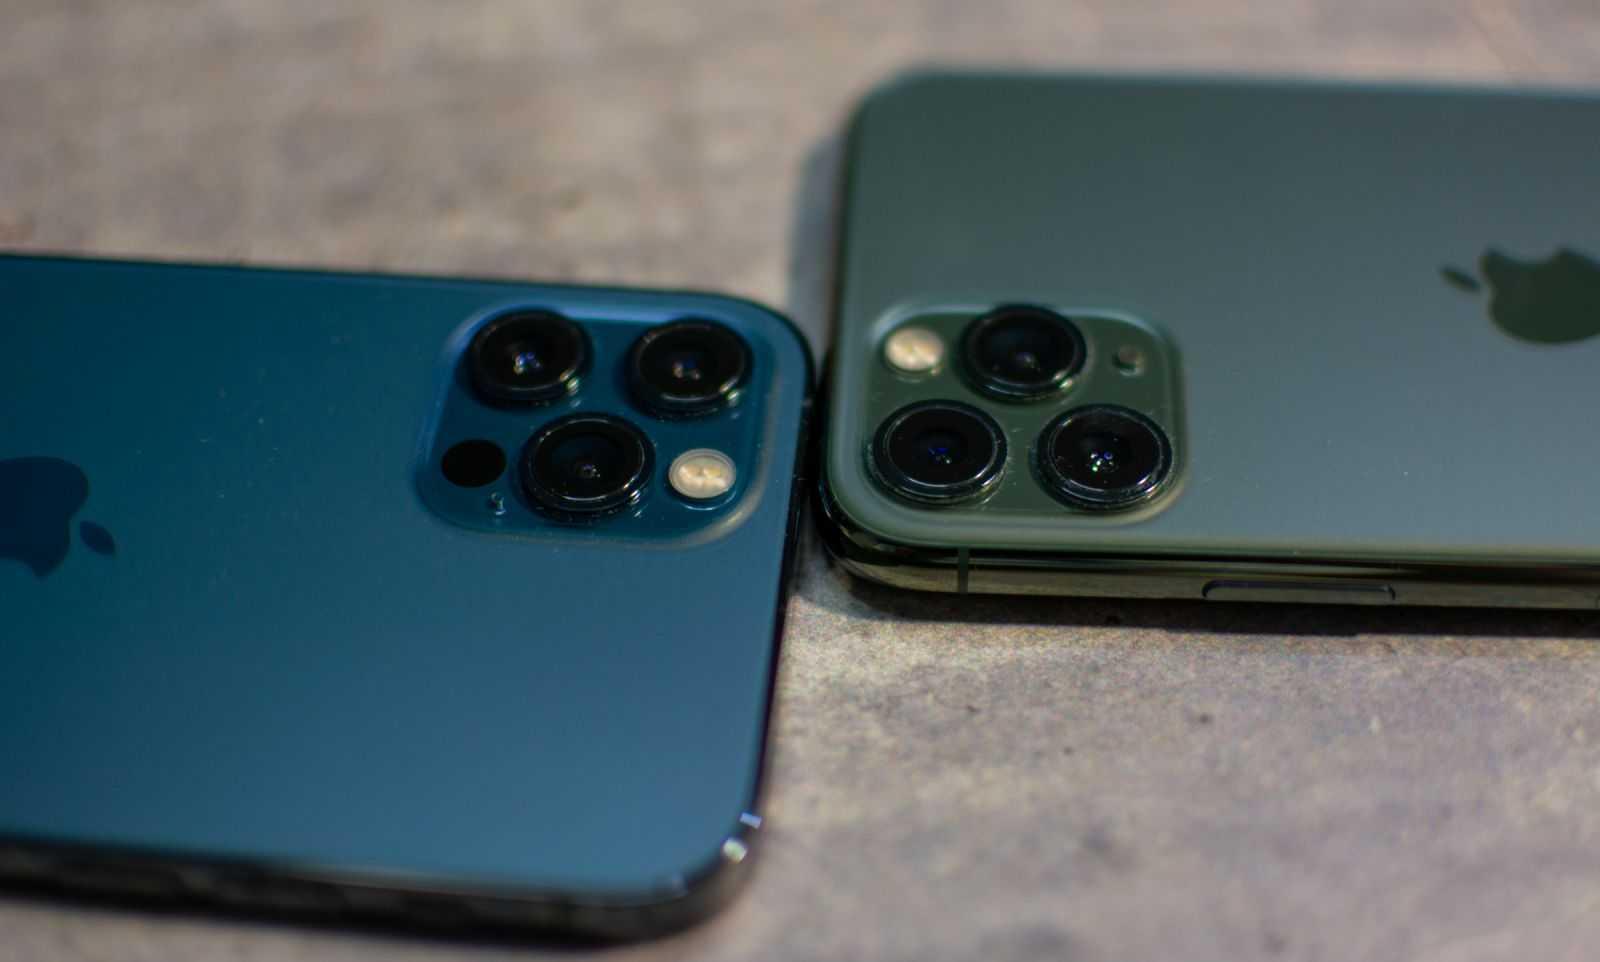 Обзор iPhone 12 Pro: мой любимый размер и цвет (DSC 9898)